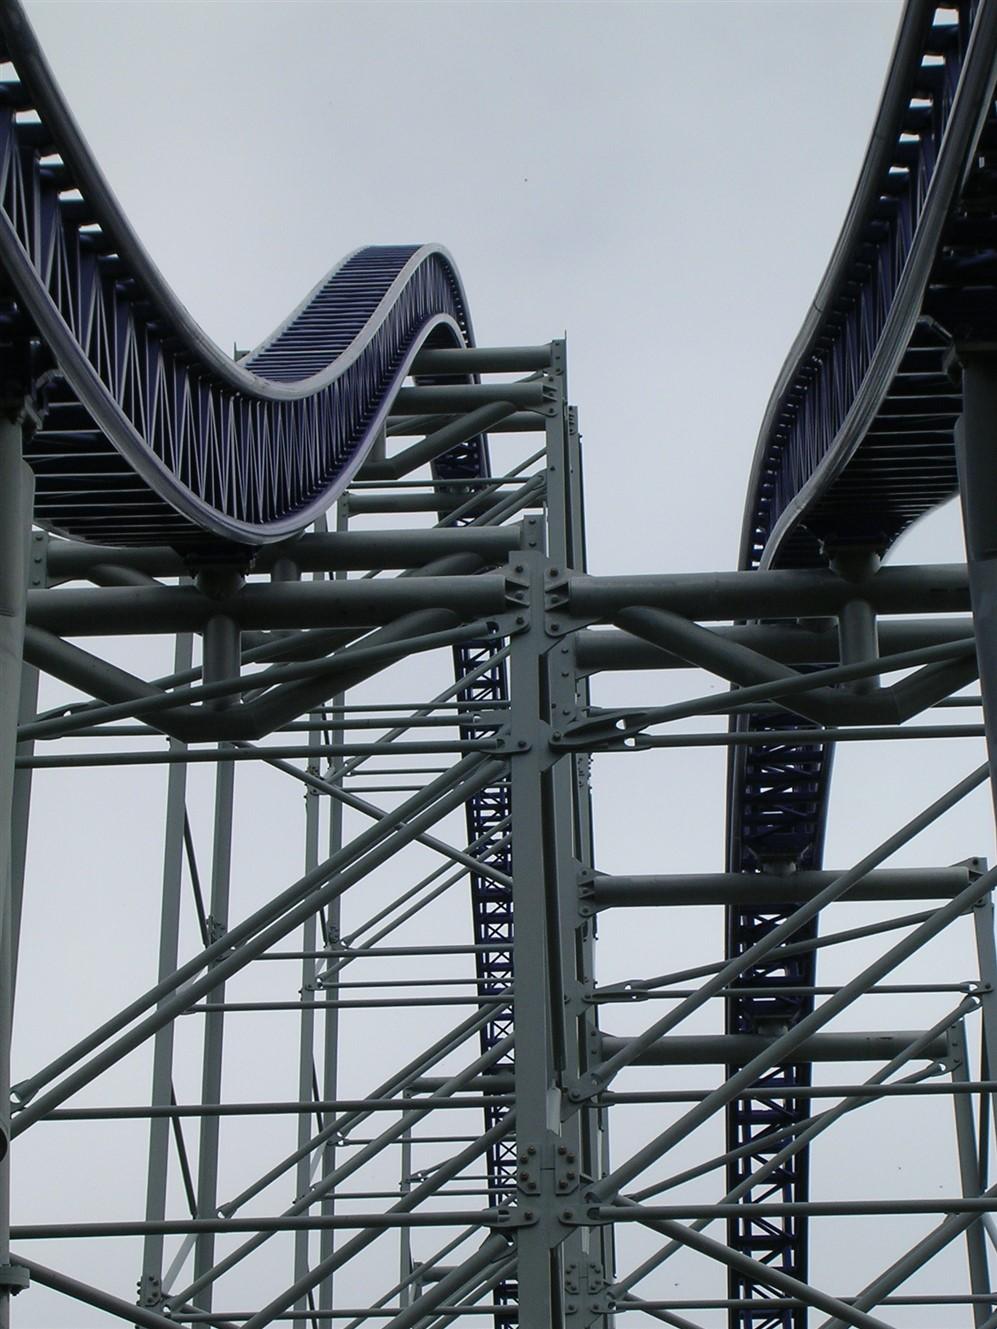 2005 06 03 Cedar Point 23.jpg